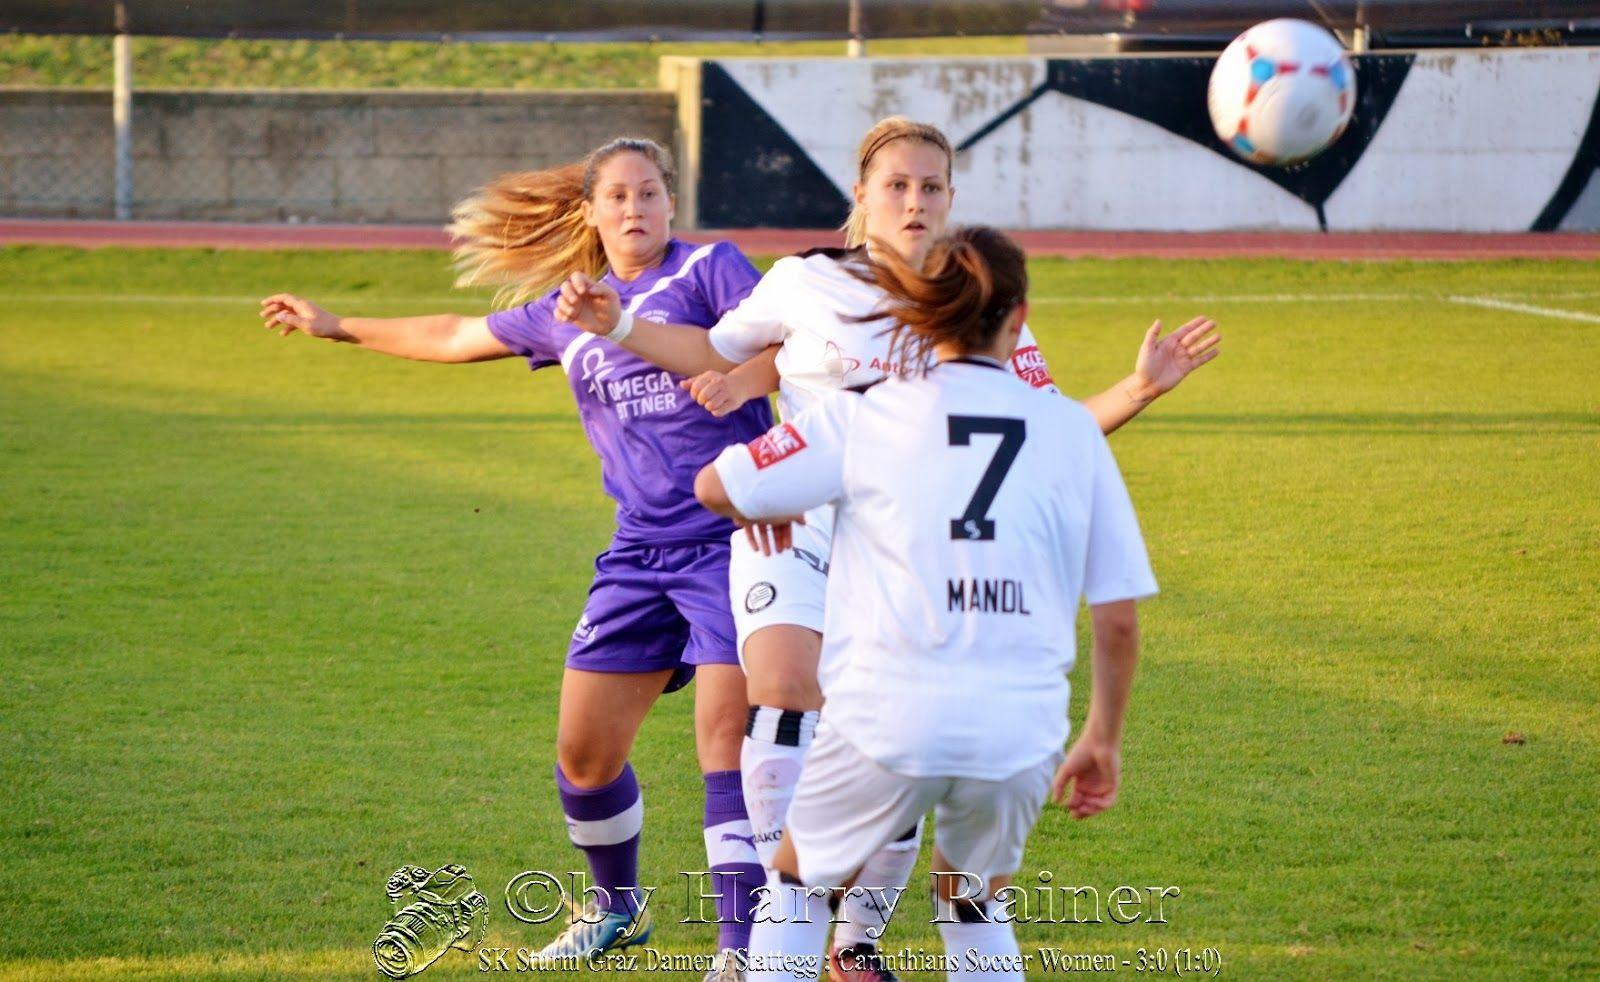 Fanzone Harry S Fotoblog Sk Sturm Graz Damen Stattegg Carinthians Soccer Women 3 0 1 0 Meisterschaftsspiel Football Boots Football Improve Yourself